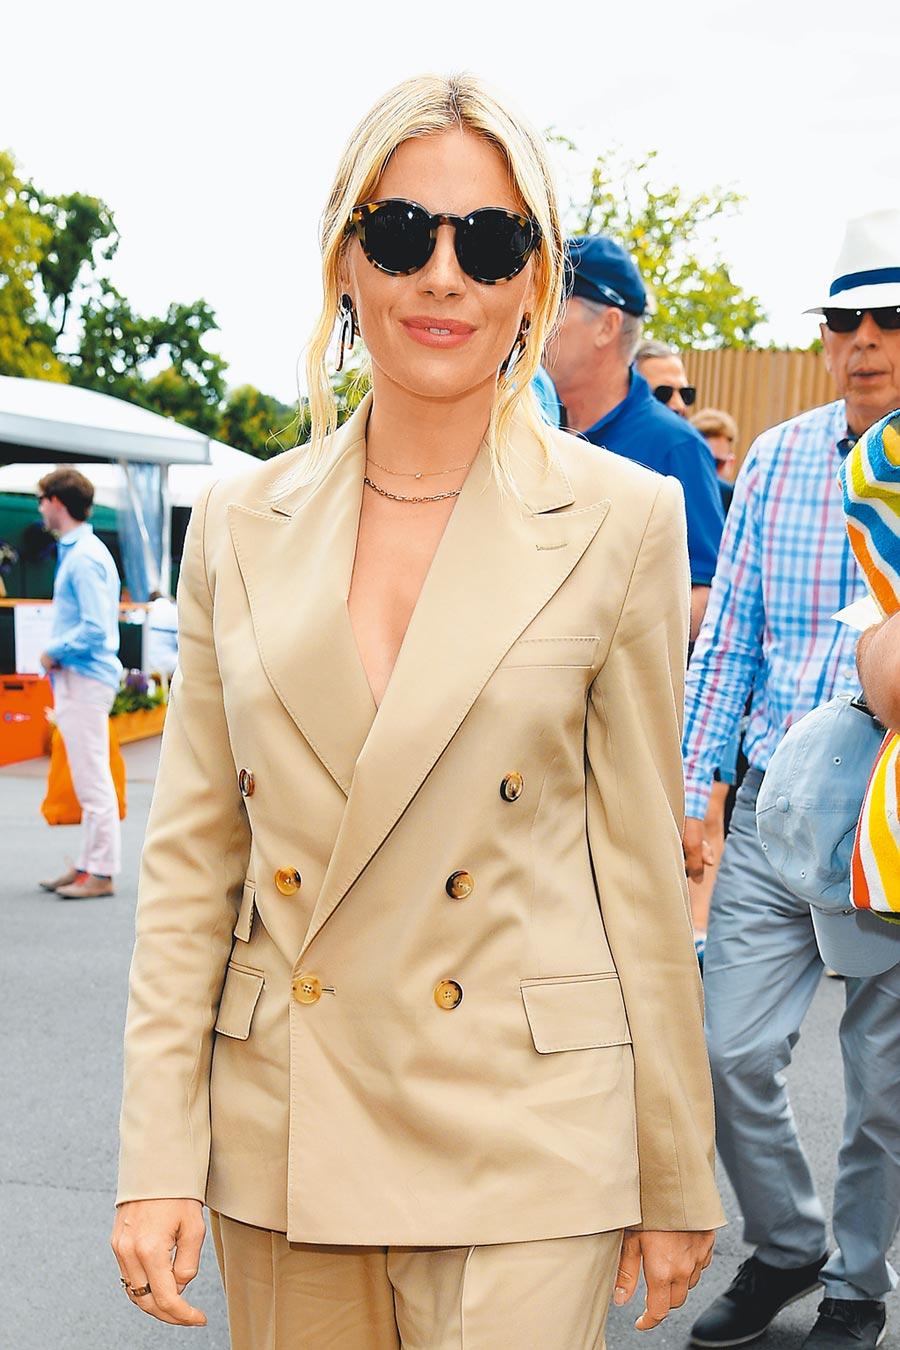 席安娜米勒穿米色Ralph Lauren Collection米色雙排釦西裝看球賽,輕鬆愜意。(CFP)